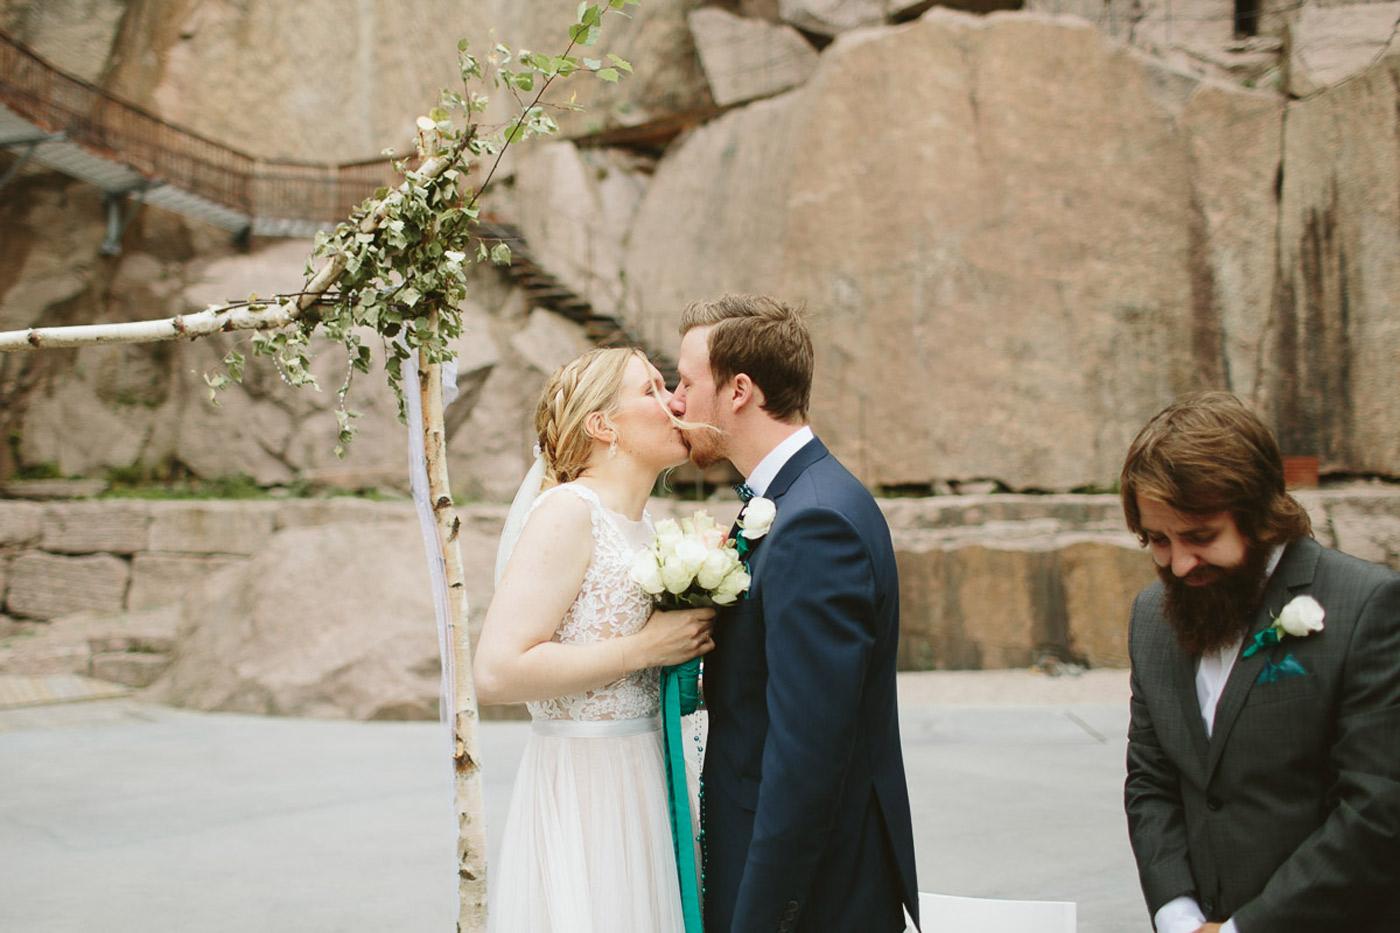 Wedding in Fjæreheia